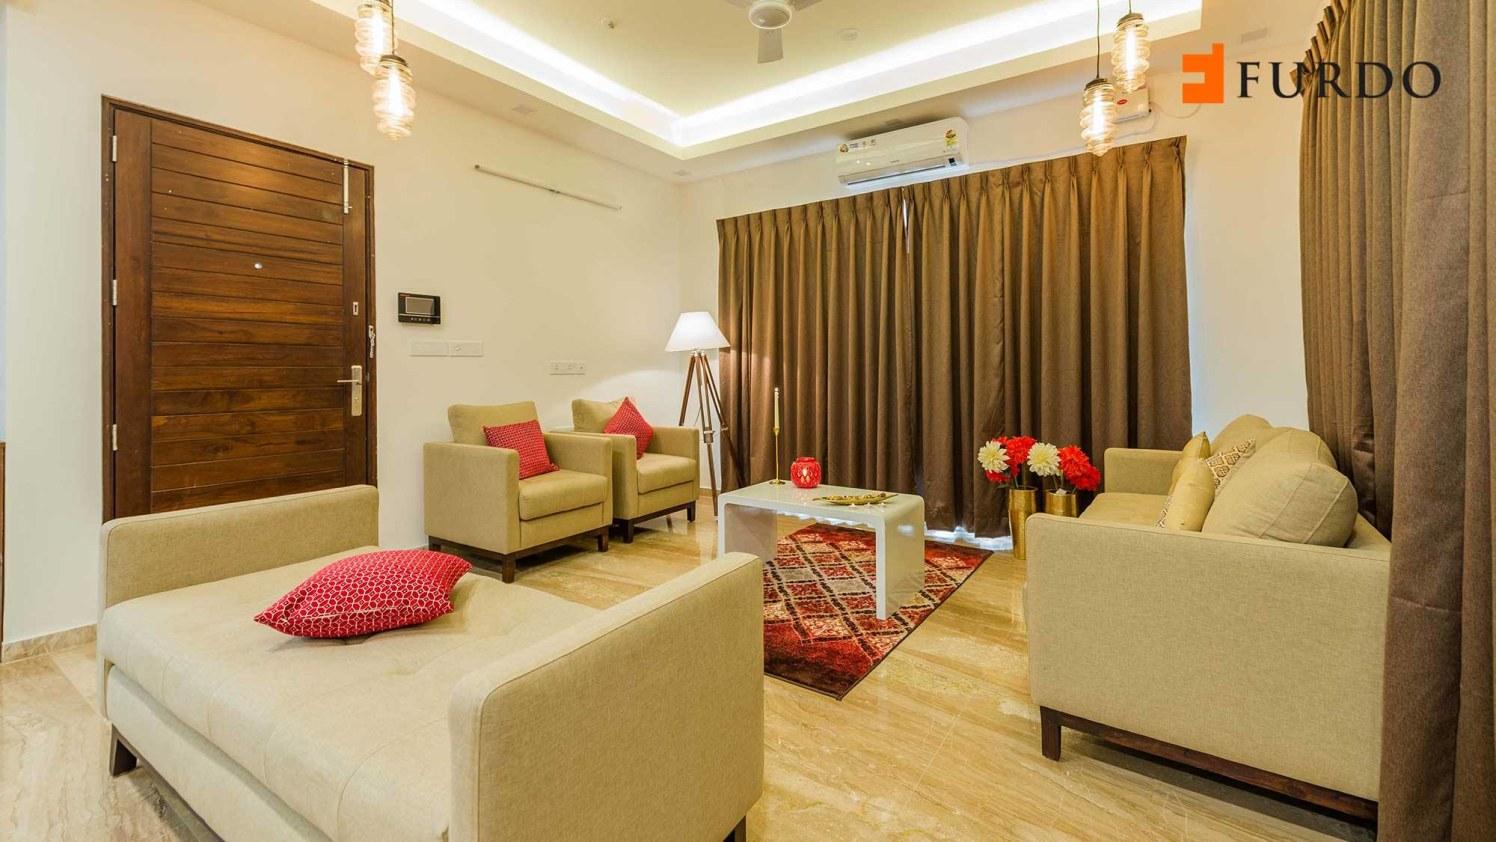 Living Room With Beige Shade Sofa And Marble Flooring by Furdo.com Living-room Contemporary | Interior Design Photos & Ideas